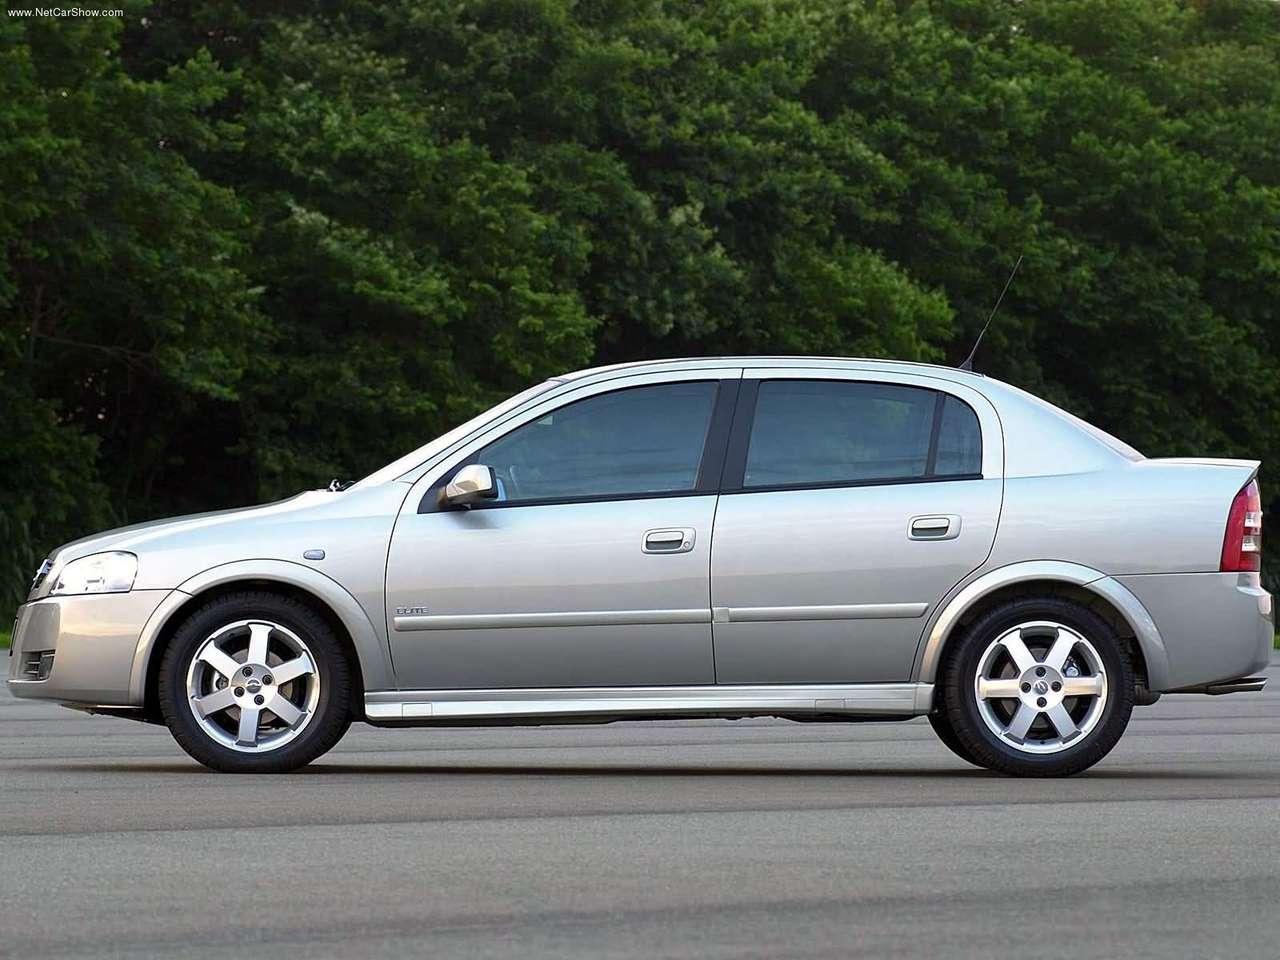 http://2.bp.blogspot.com/-AZtSIkJoBDk/TX8kOT-zEII/AAAAAAAANhA/6HpCwbvvQHY/s1600/Chevrolet-Astra_2.0_Flexpower_Elite_2005_1280x960_wallpaper_03.jpg